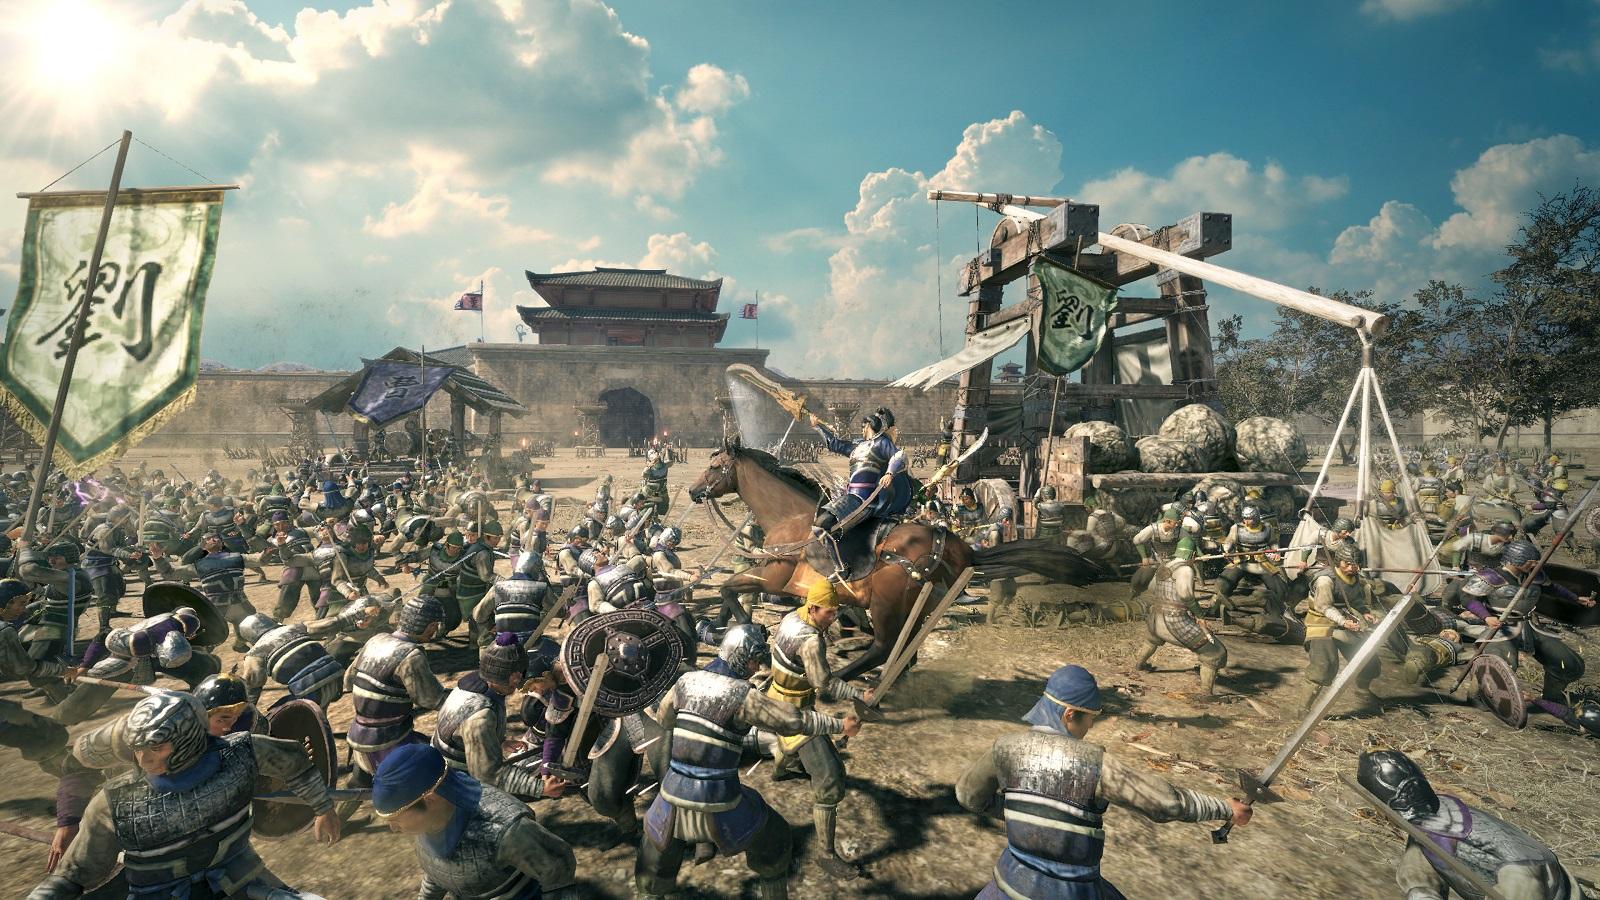 Премьеру стратегического экшена Dynasty Warriors 9: Empires перенесли на неопределённый срок